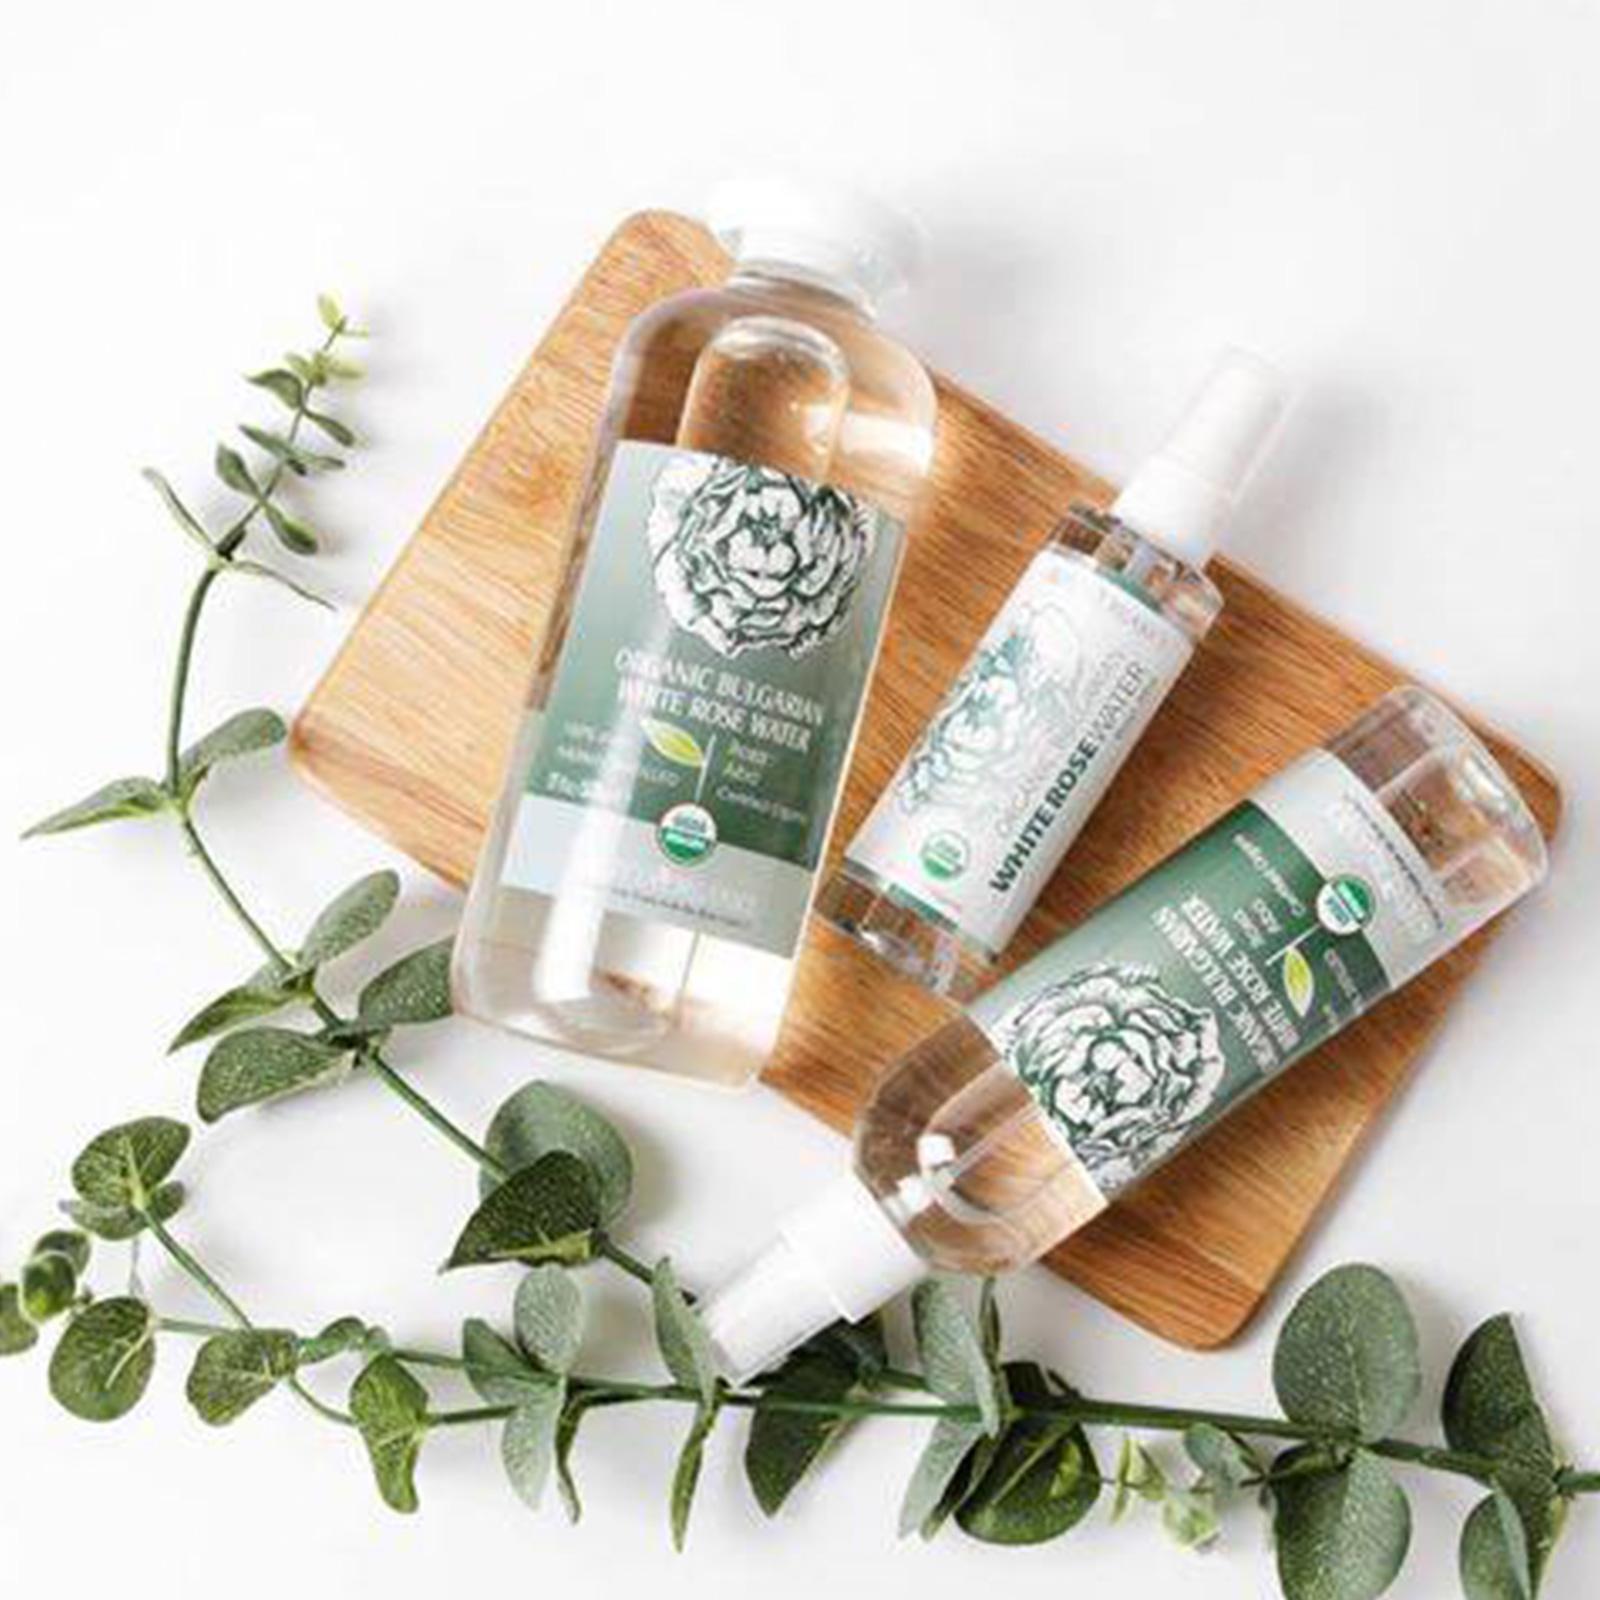 Žhavá novinka v našem sortimentu! Přírodní kosmetika Alteya Organics